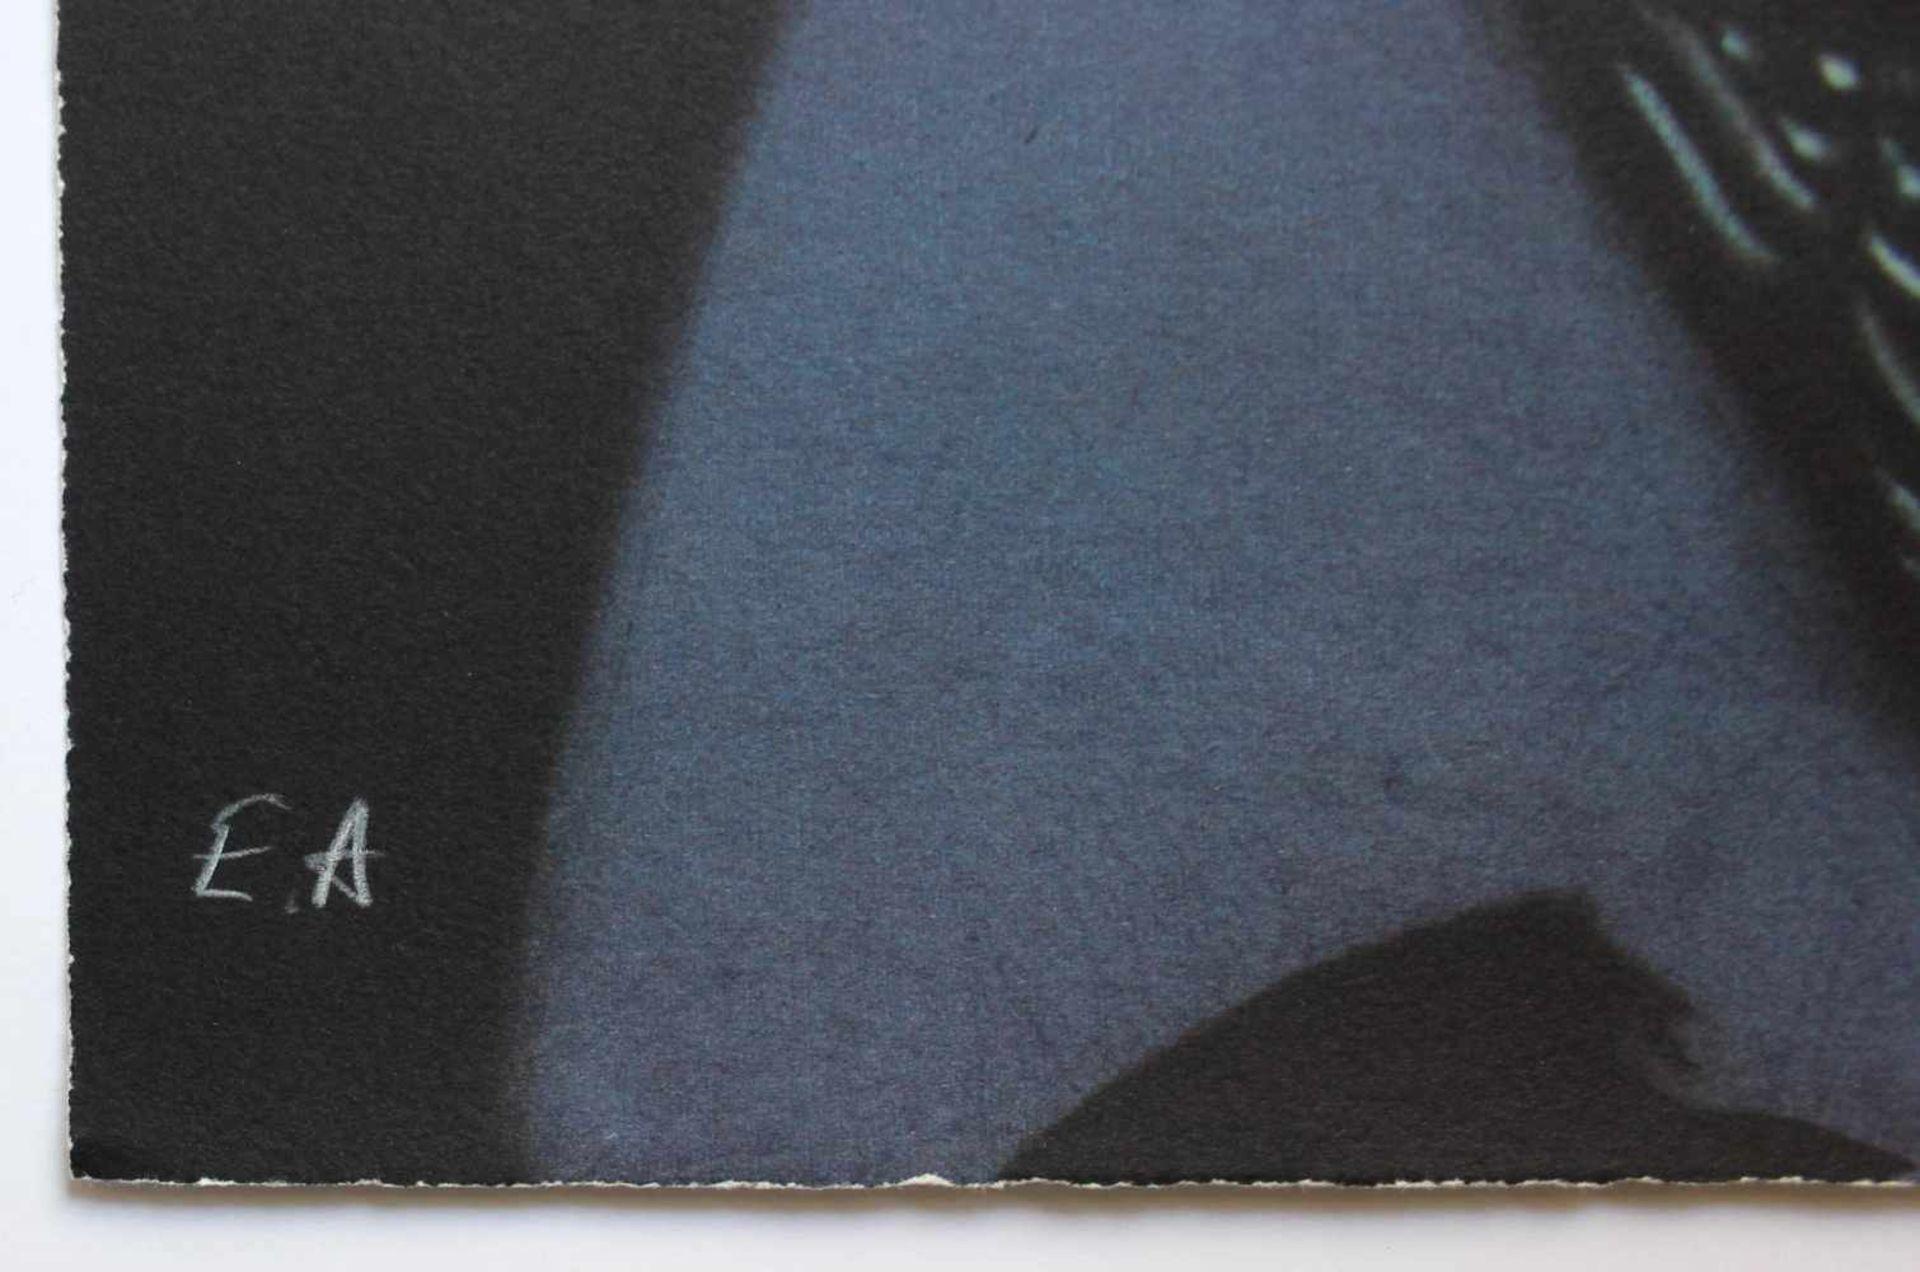 Gottfried Helnwein geb. 1948 Jean Tinguely hell Farblithographie handsigniert, nummeriert E.A. 80 - Bild 3 aus 3